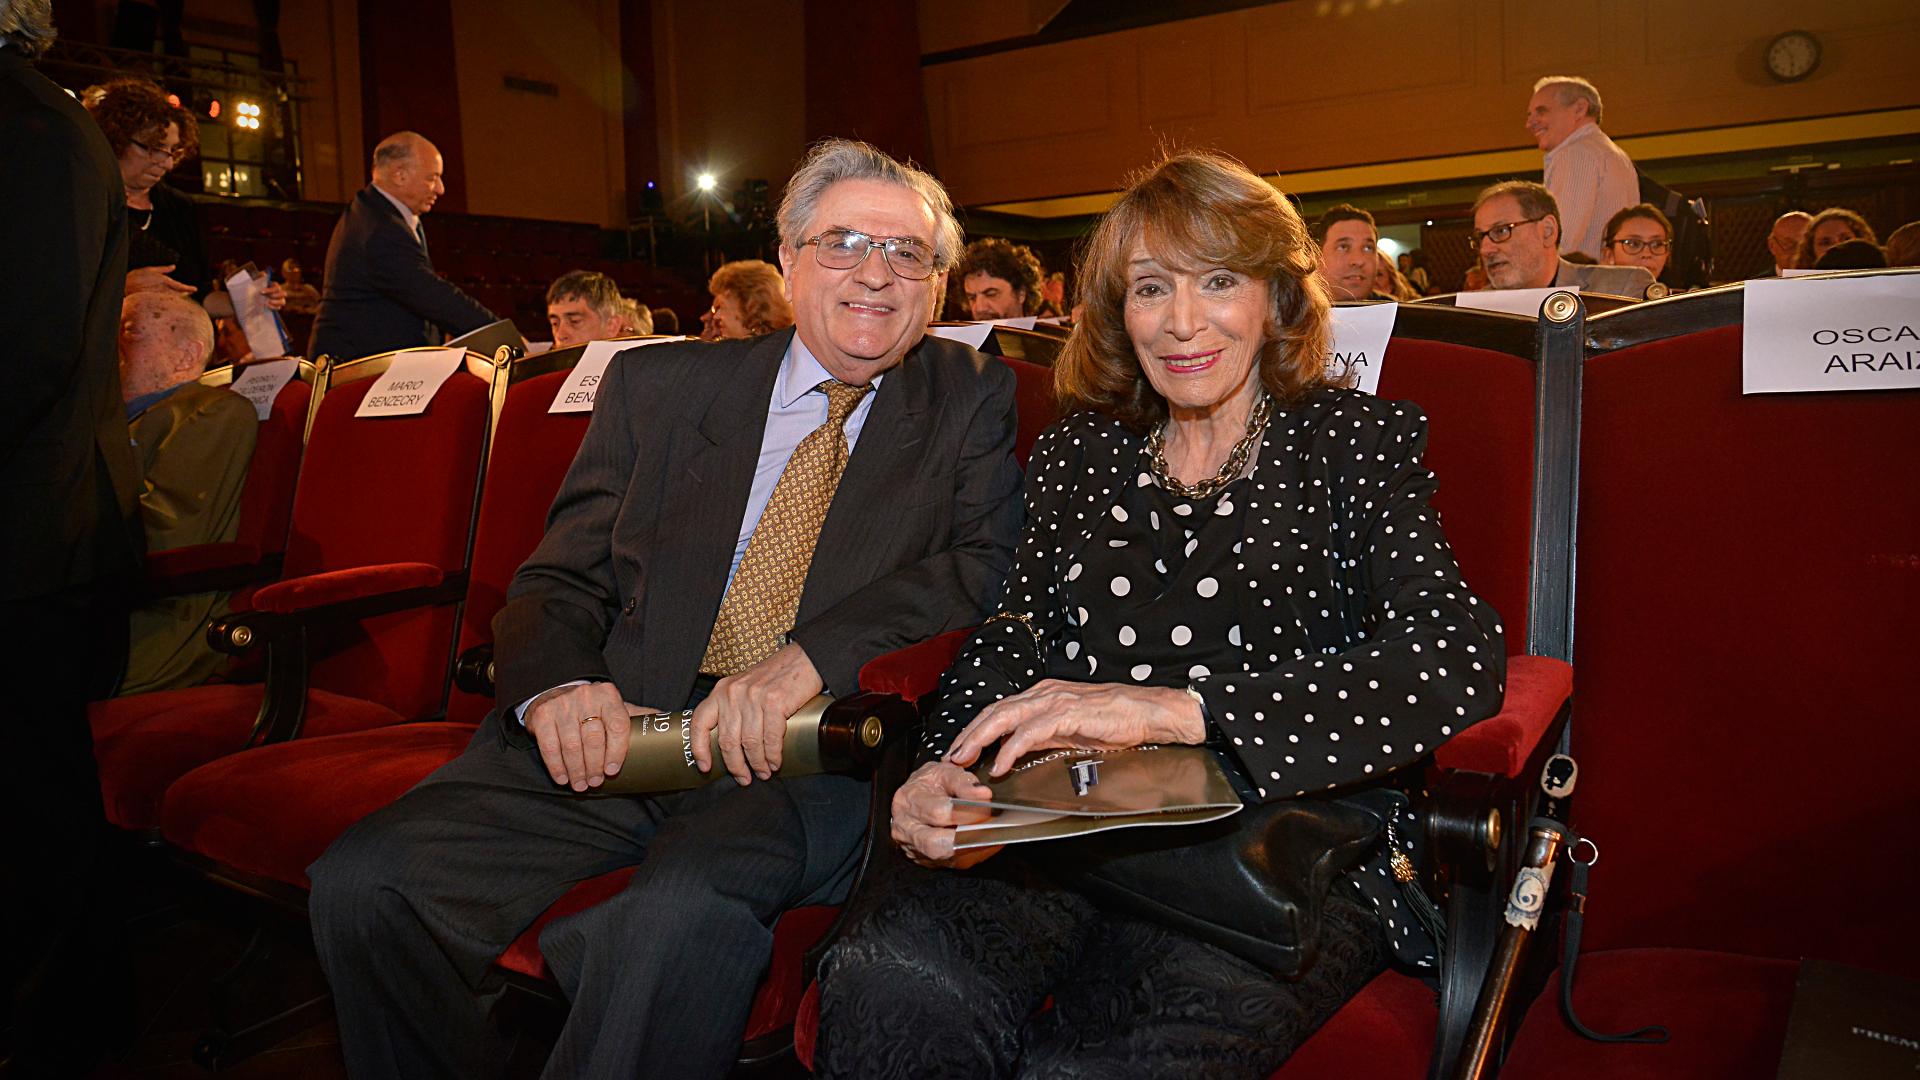 En primera fila del Salón de Actos de la Facultad de Derecho, Mario Benzecry y Magdalena Ruiz Guiñazú